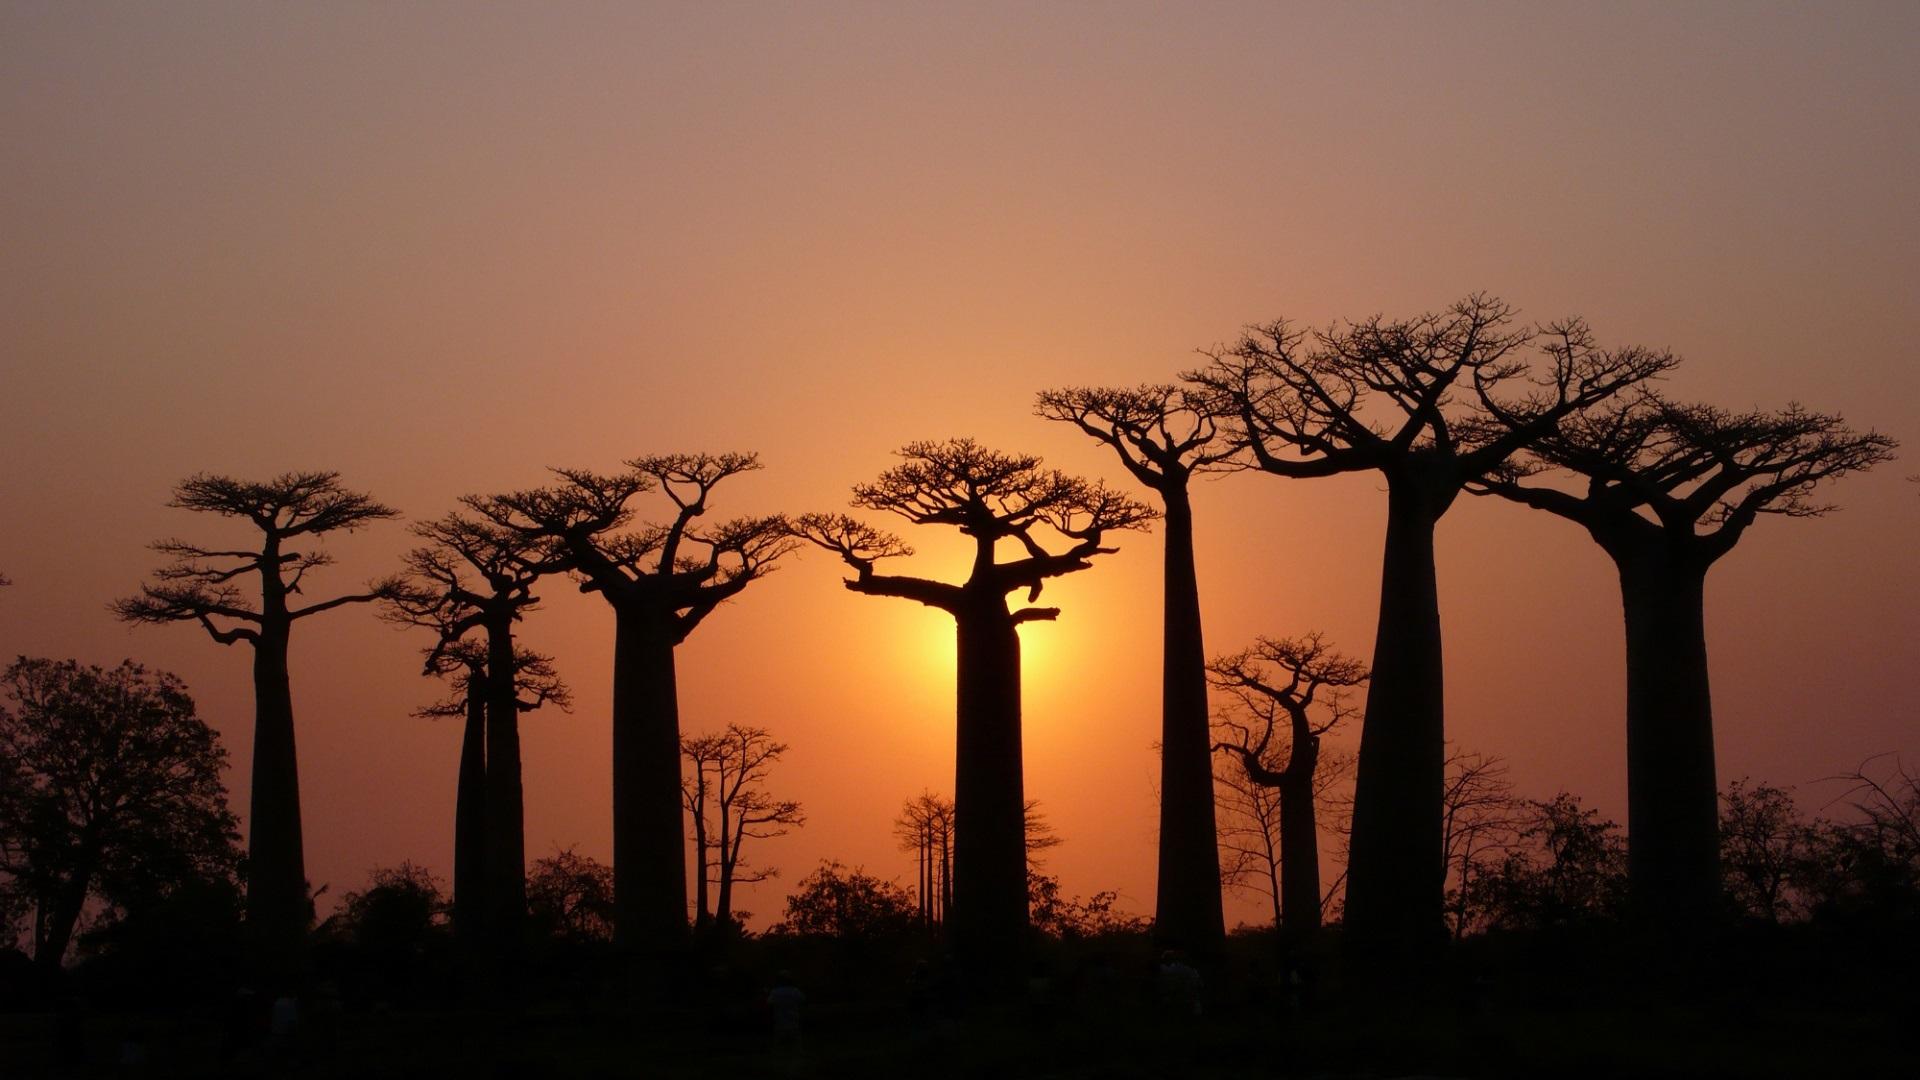 Klicke auf die Grafik für eine größere Ansicht  Name:Trees-baobabs-sky-light-dusk_1920x1080.jpg Hits:374 Größe:433,1 KB ID:78707